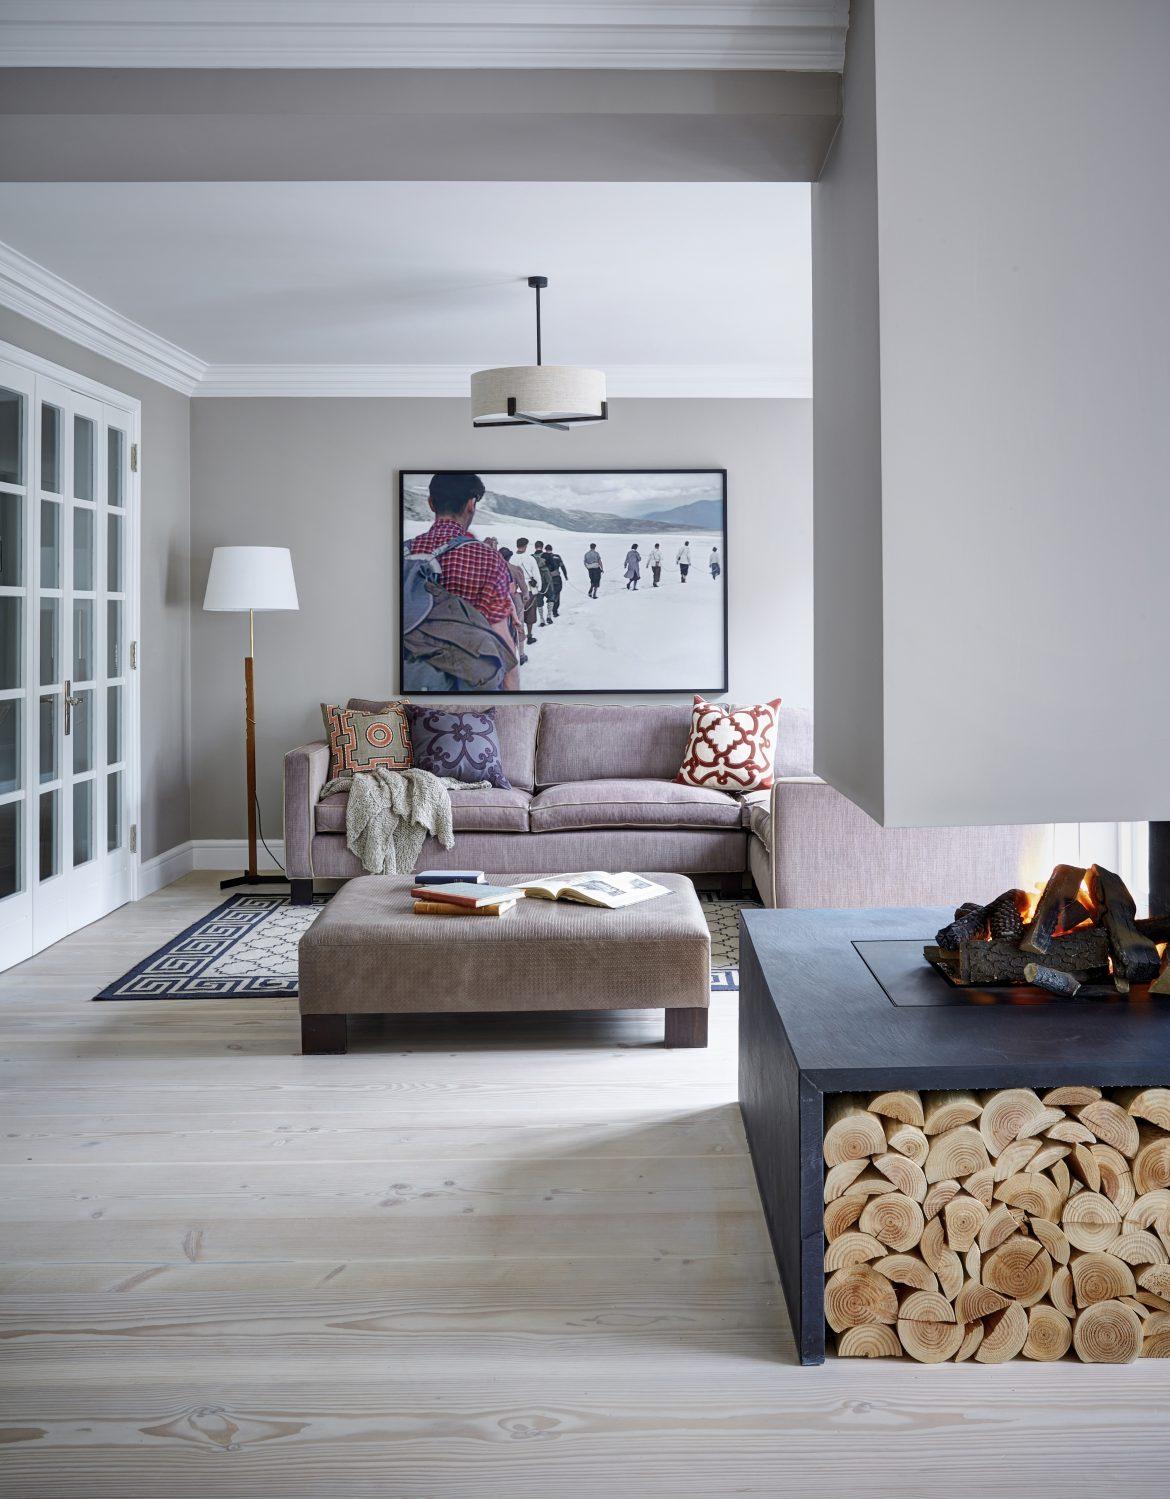 50-top-interior-designers-in-uk 50 top interior designers in uk 50 Top Interior Designers in UK sigmar